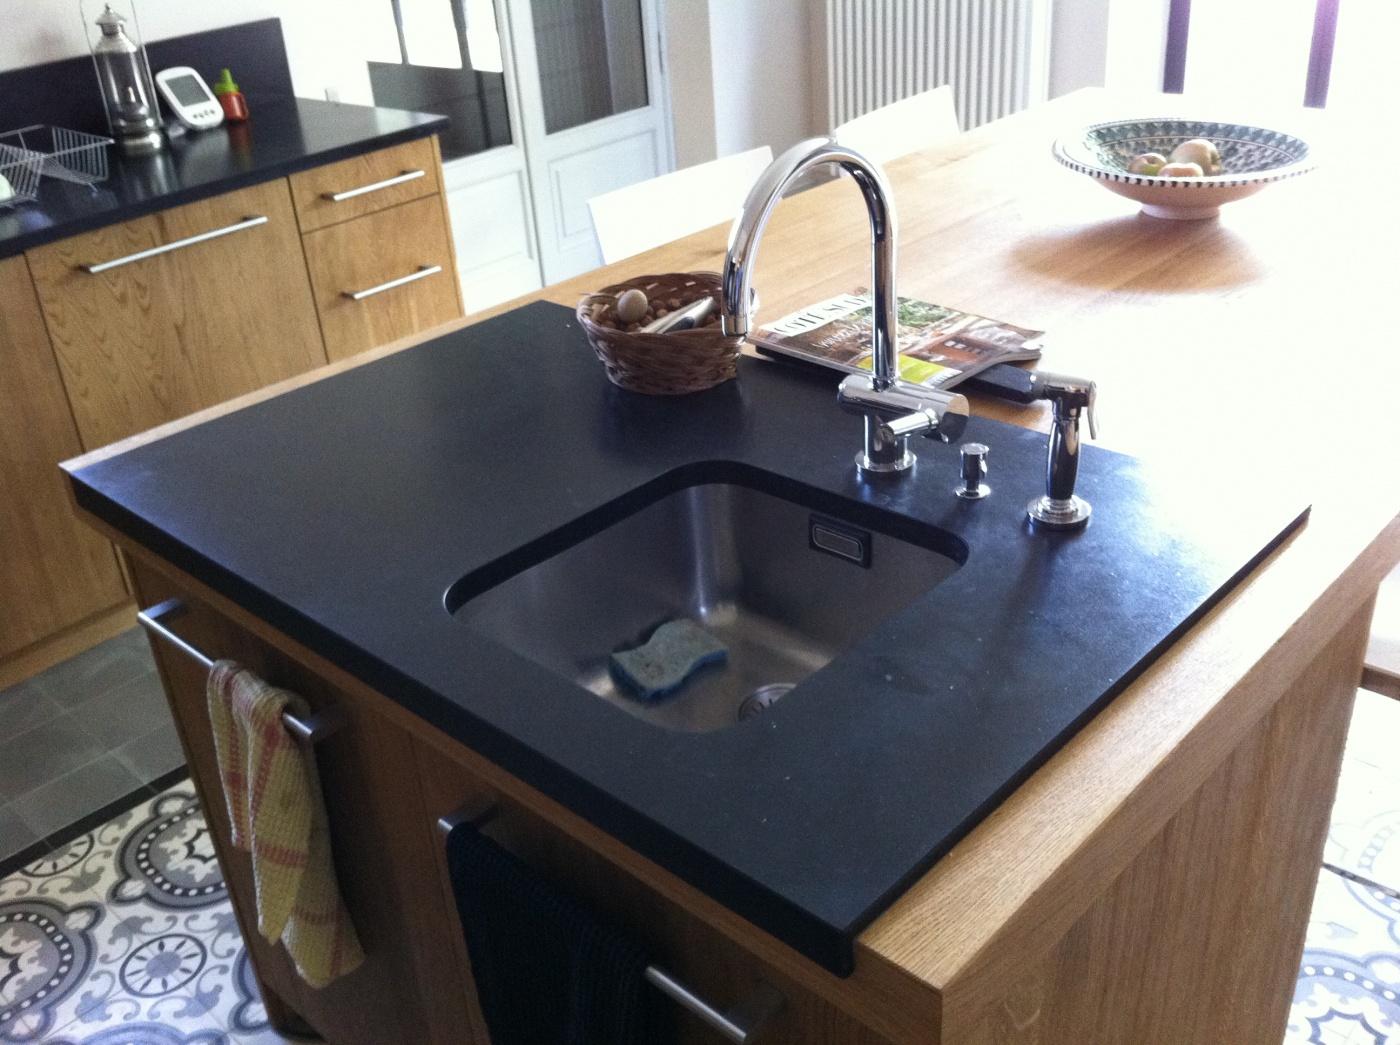 Ilôt de cuisine en Granit Noir Zimbabwé finition cuir.  Chantier à Chateaurenard Architectes LAFOURCADE.